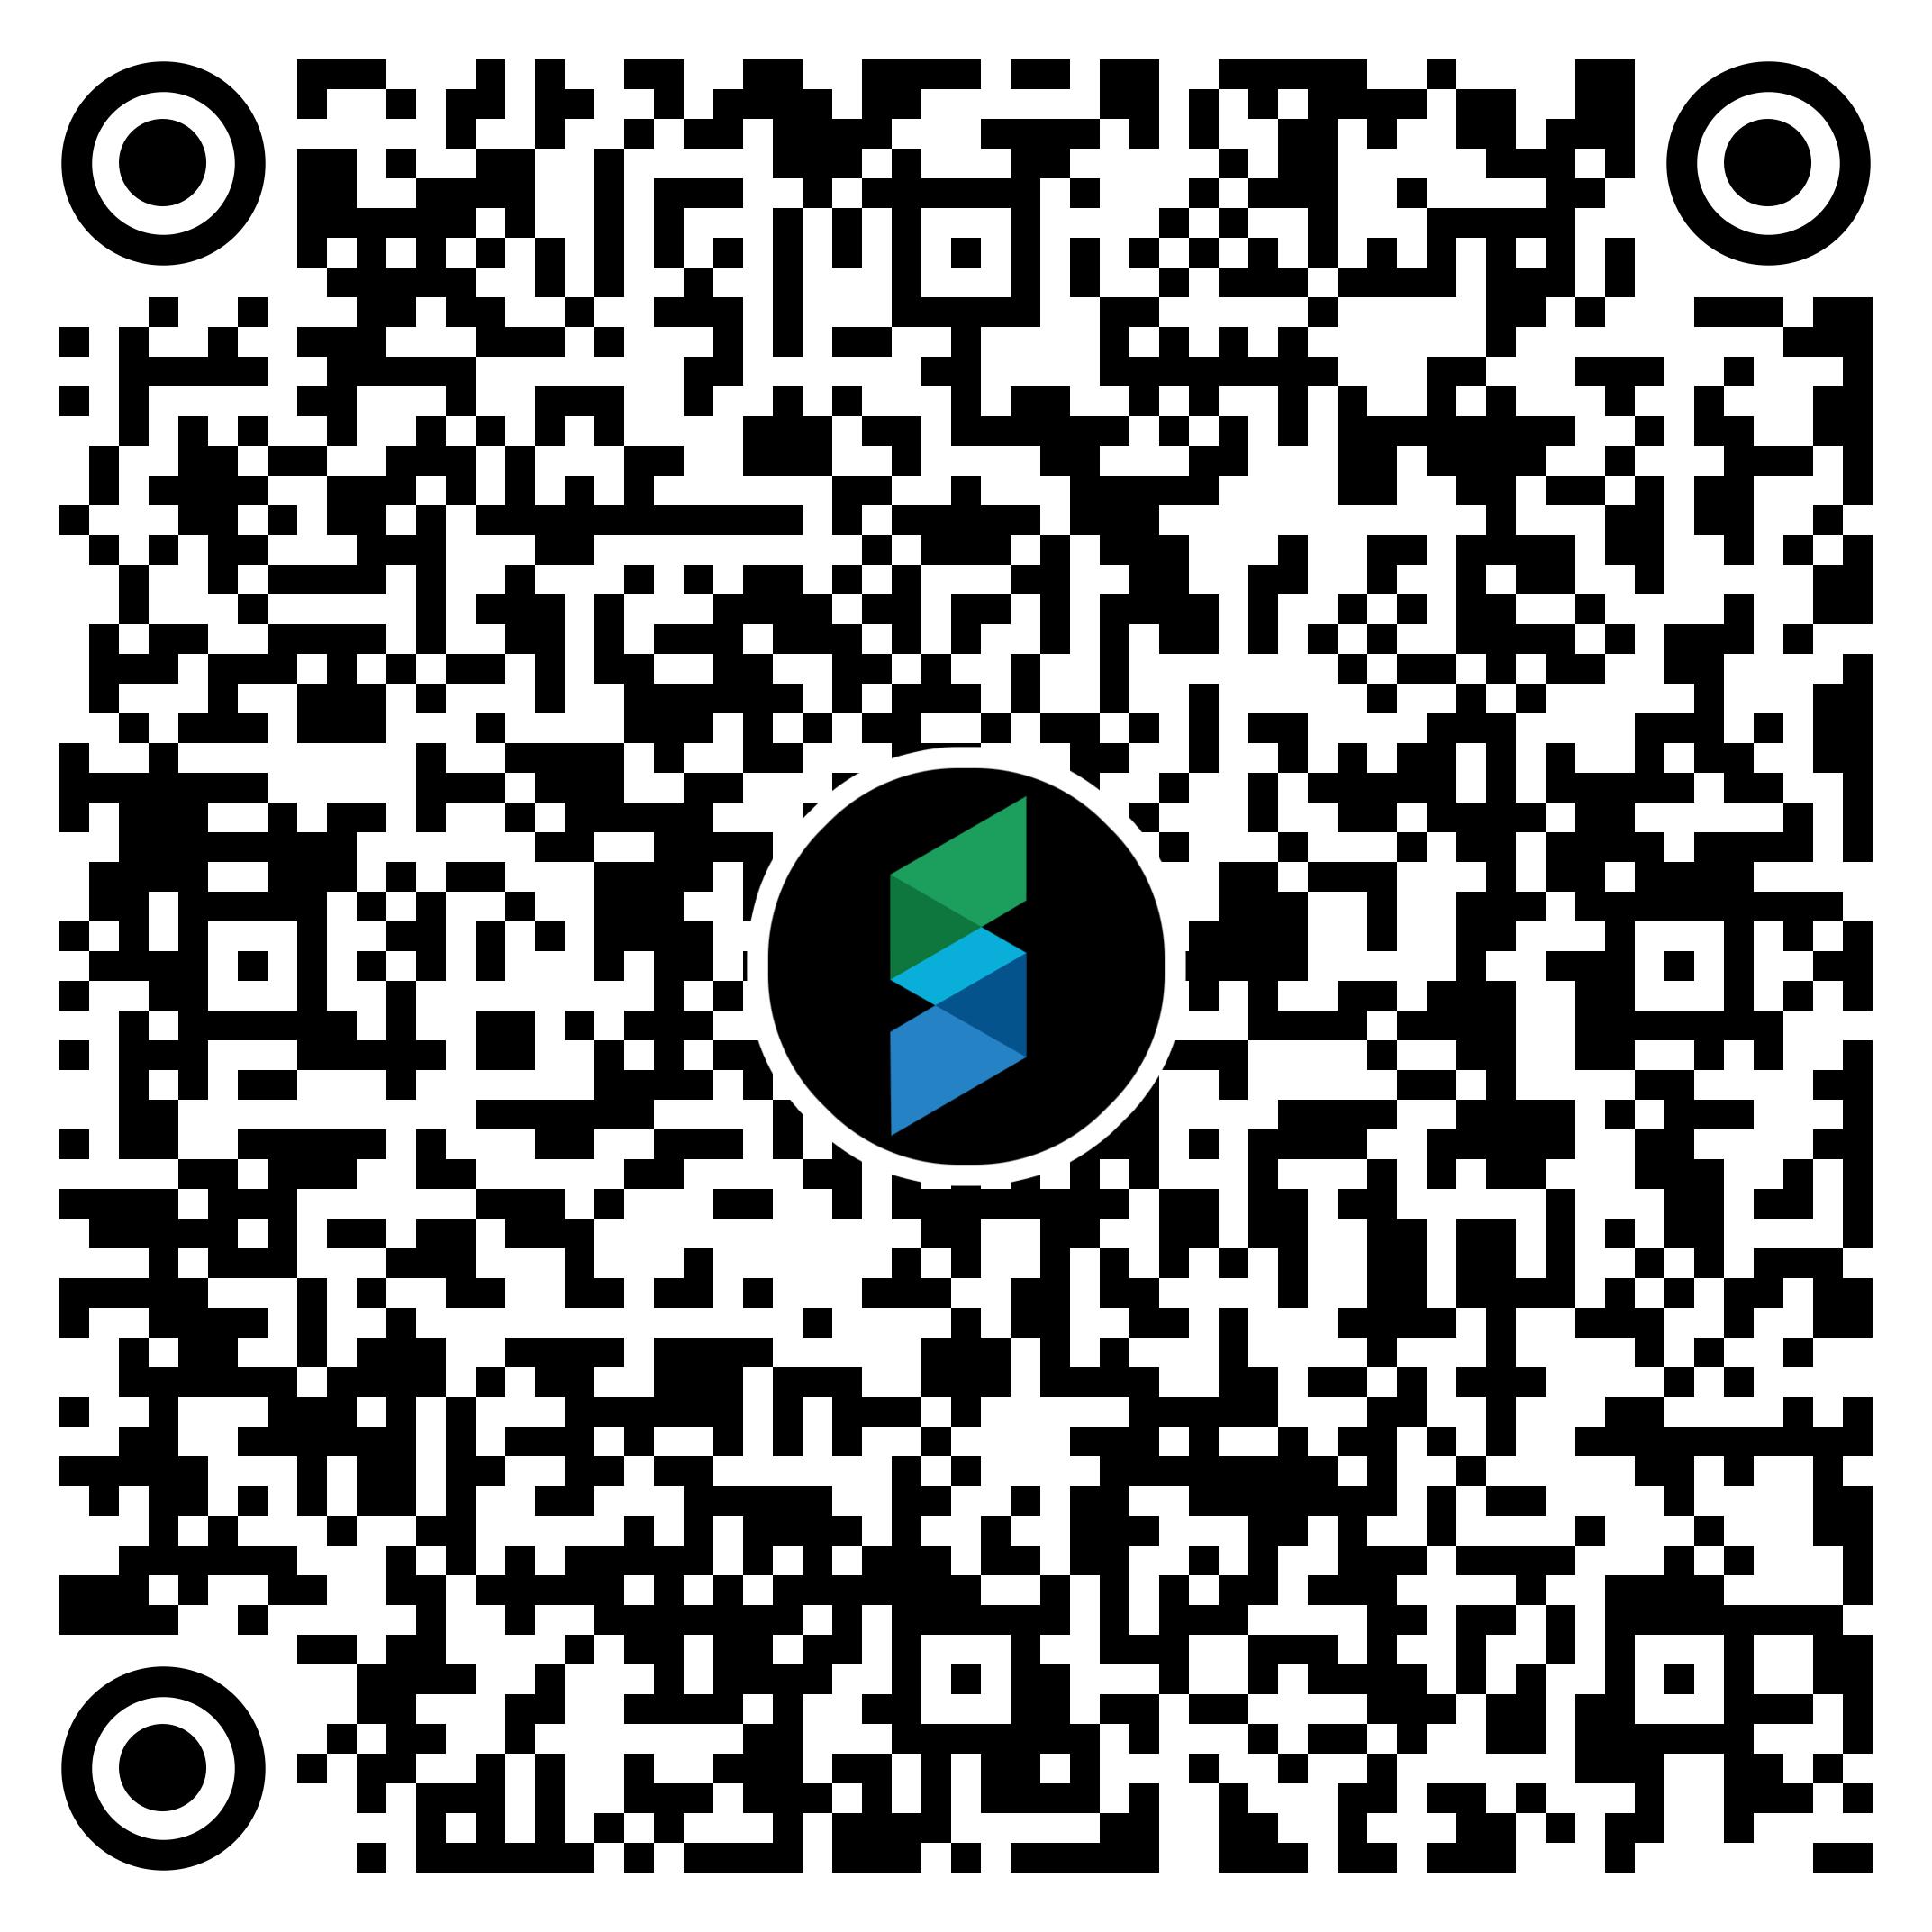 URL QR Codes